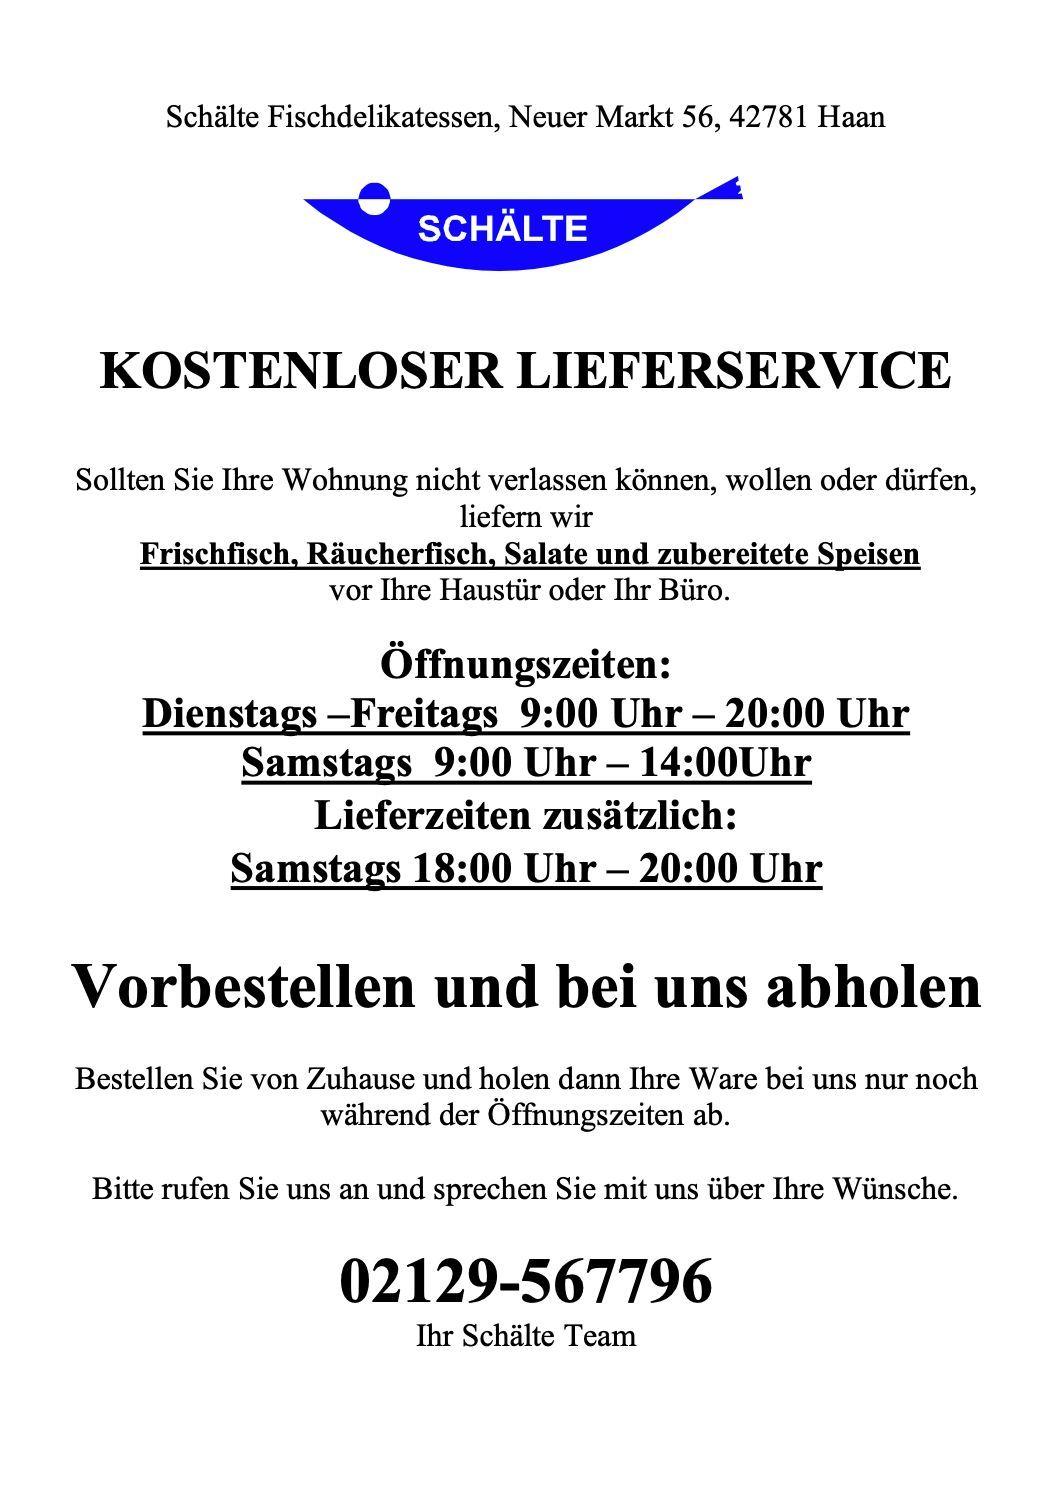 Schältes Fischrestaurant   ISG Solingen-Ohligs e